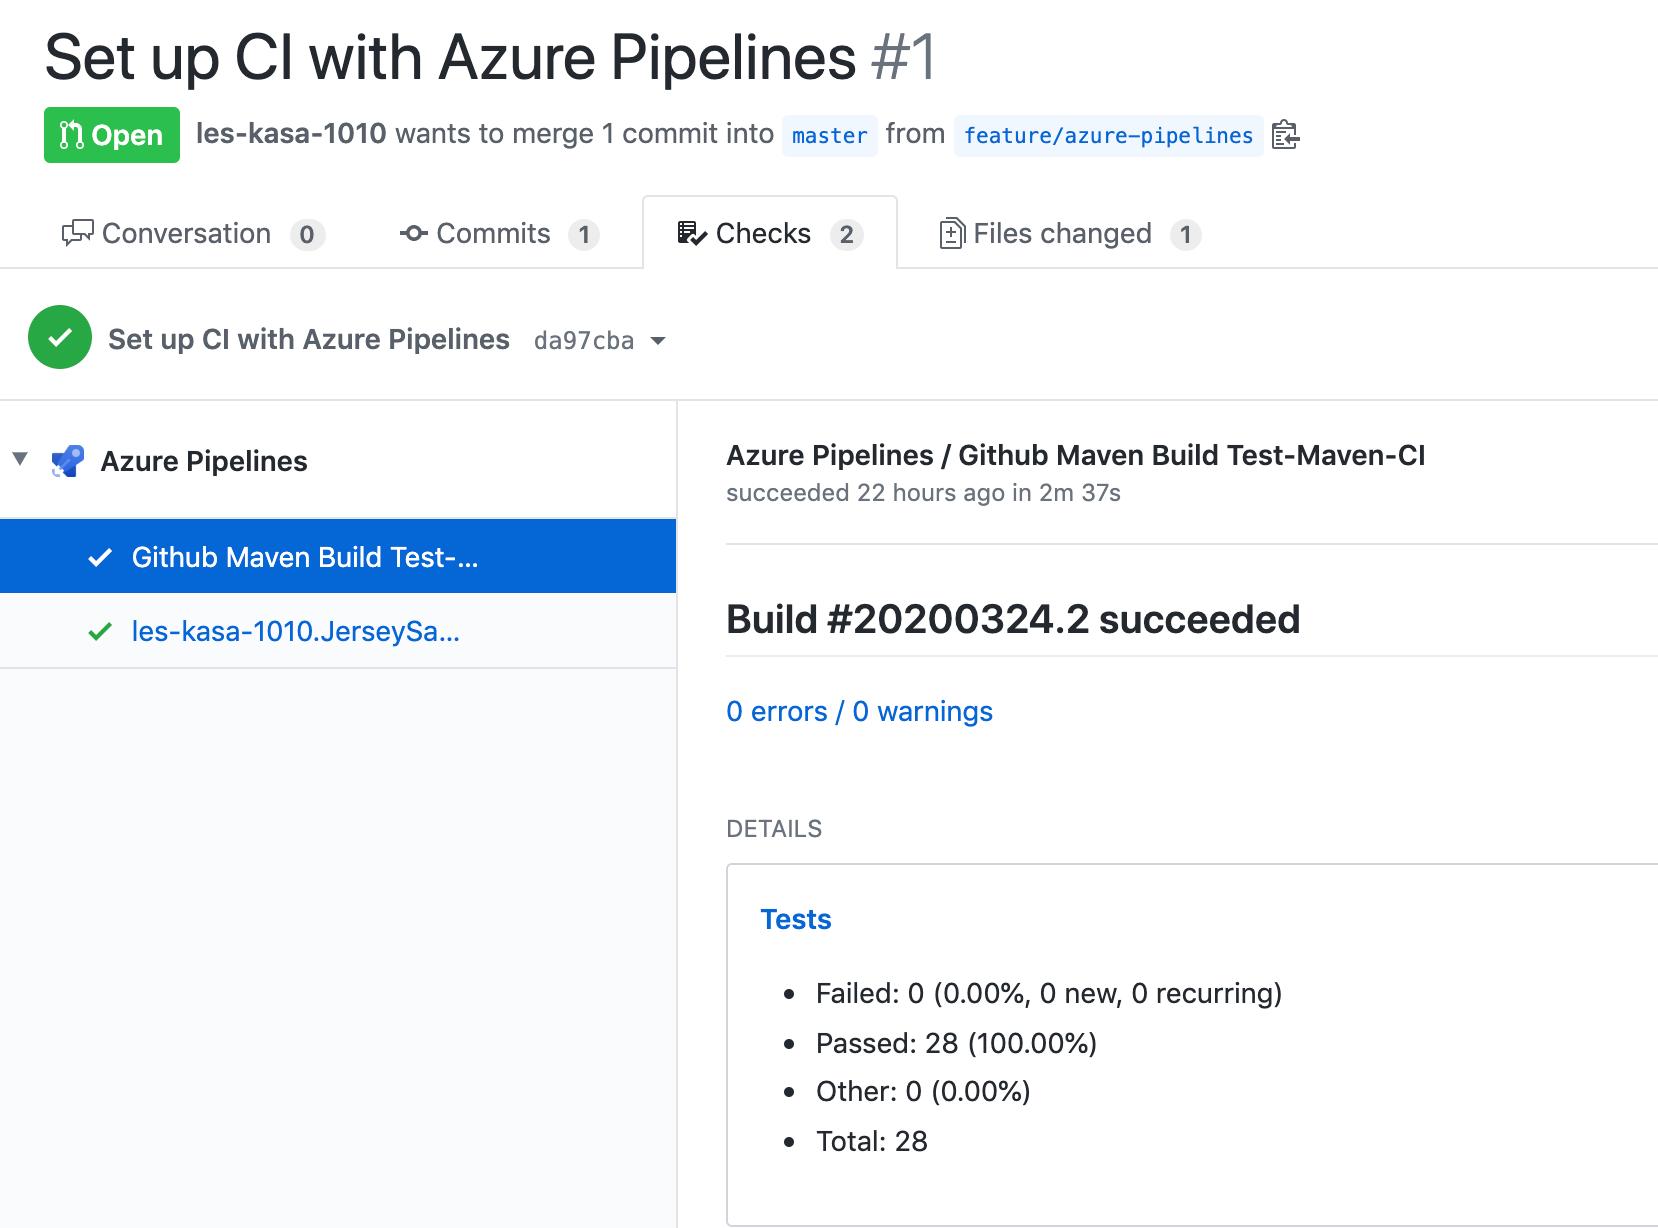 azure_pipelines_github_pr.png